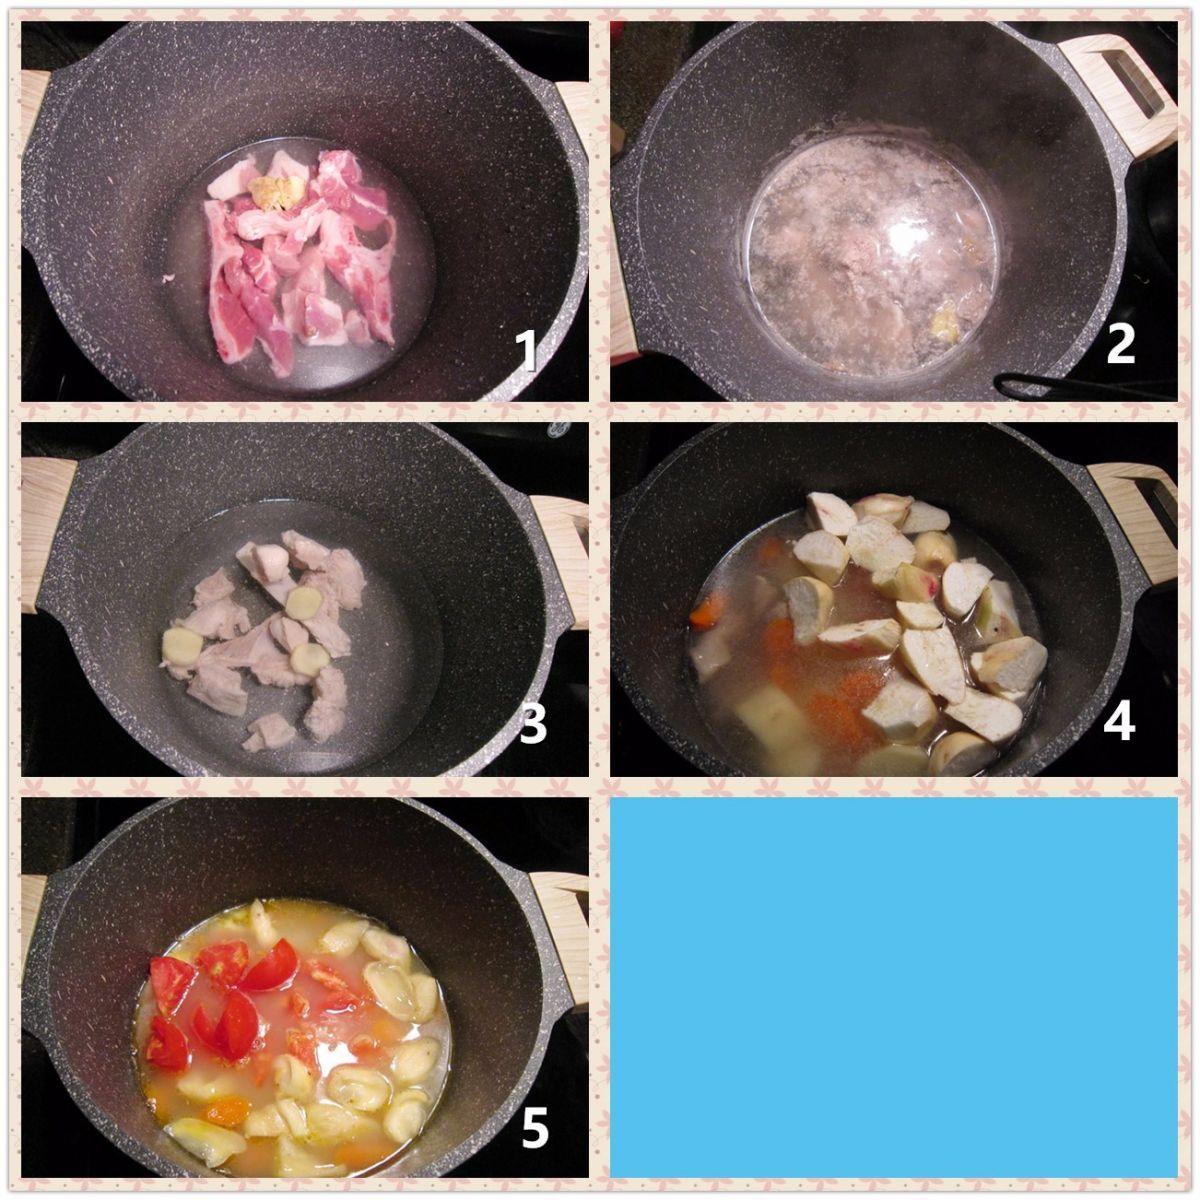 排骨青红萝卜土豆汤_图1-2